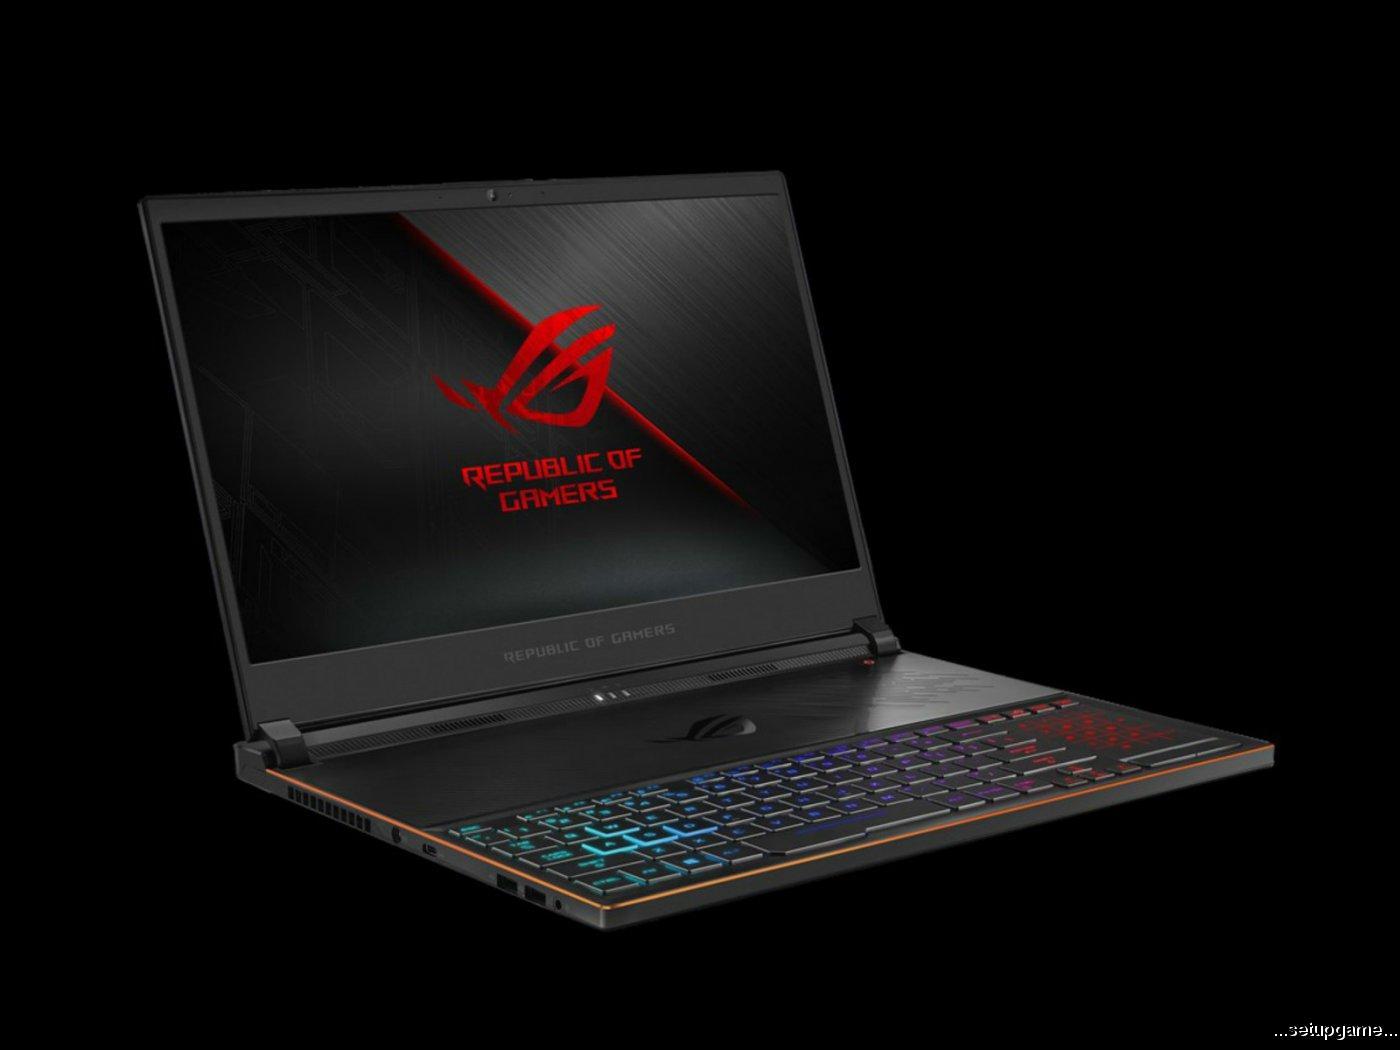 لپ تاپ Zephyrus S با پردازنده 6 هسته ای، گرافیک GTX 1070 و نمایشگر 144 هرتزی معرفی شد